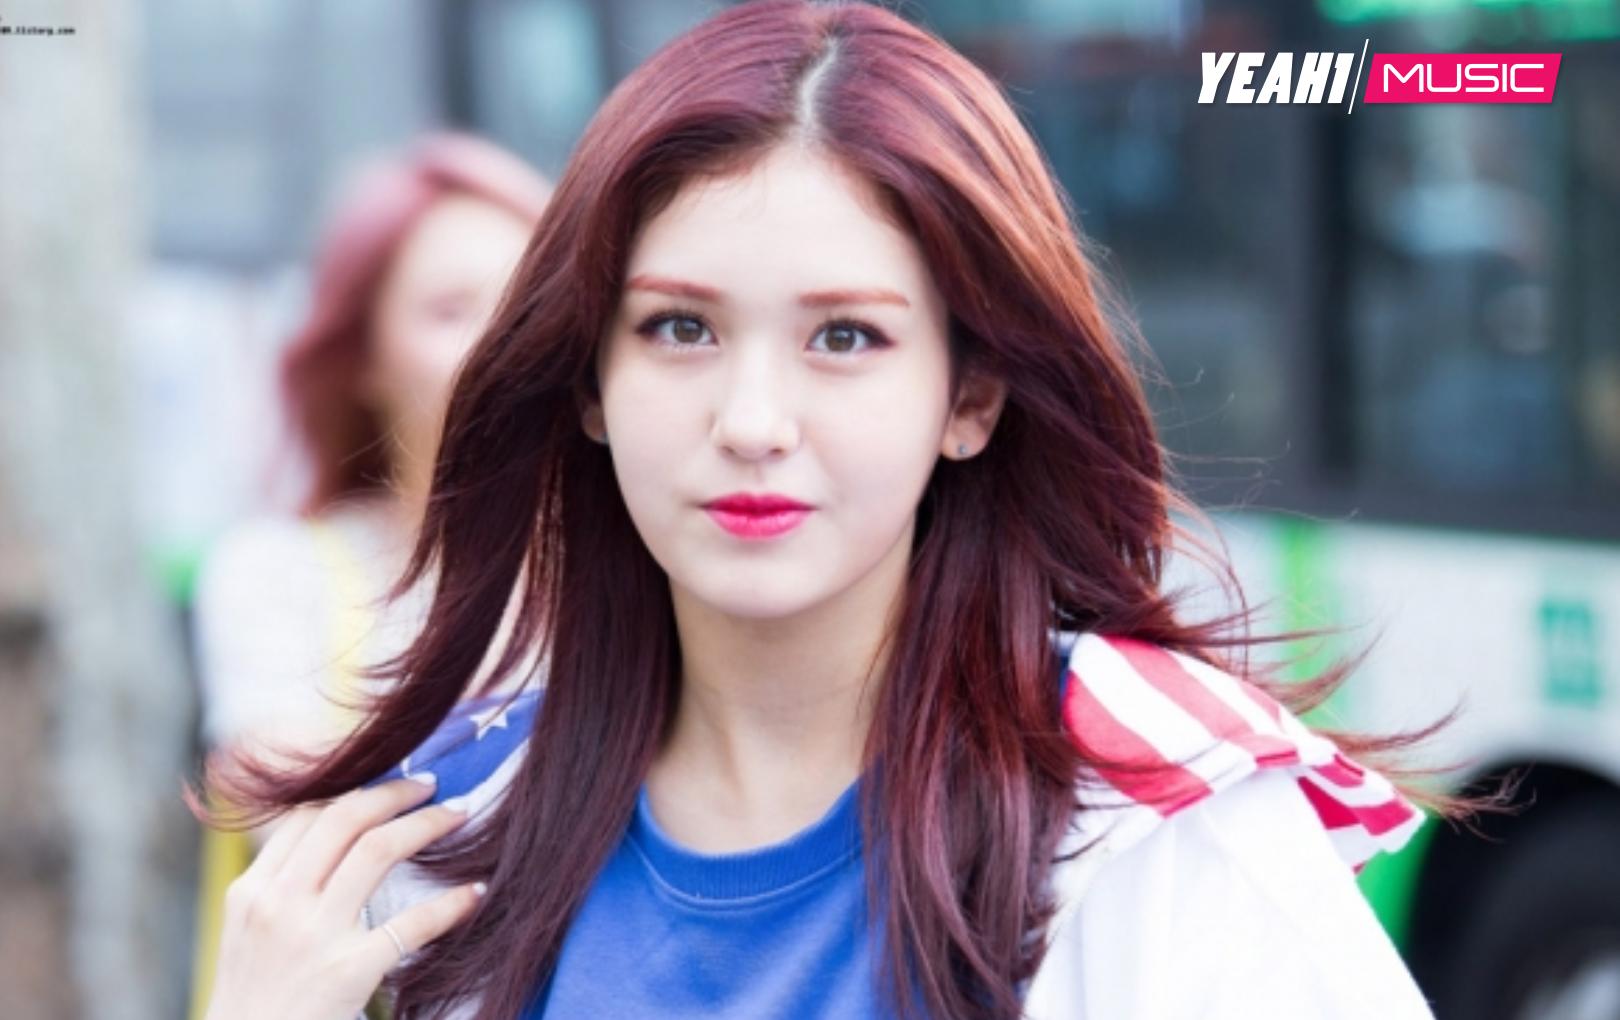 """Sau thành tích """"khủng"""" của ITZY, Jeon Somi thông báo debut solo vào tháng 5 với bài hát của Teddy"""